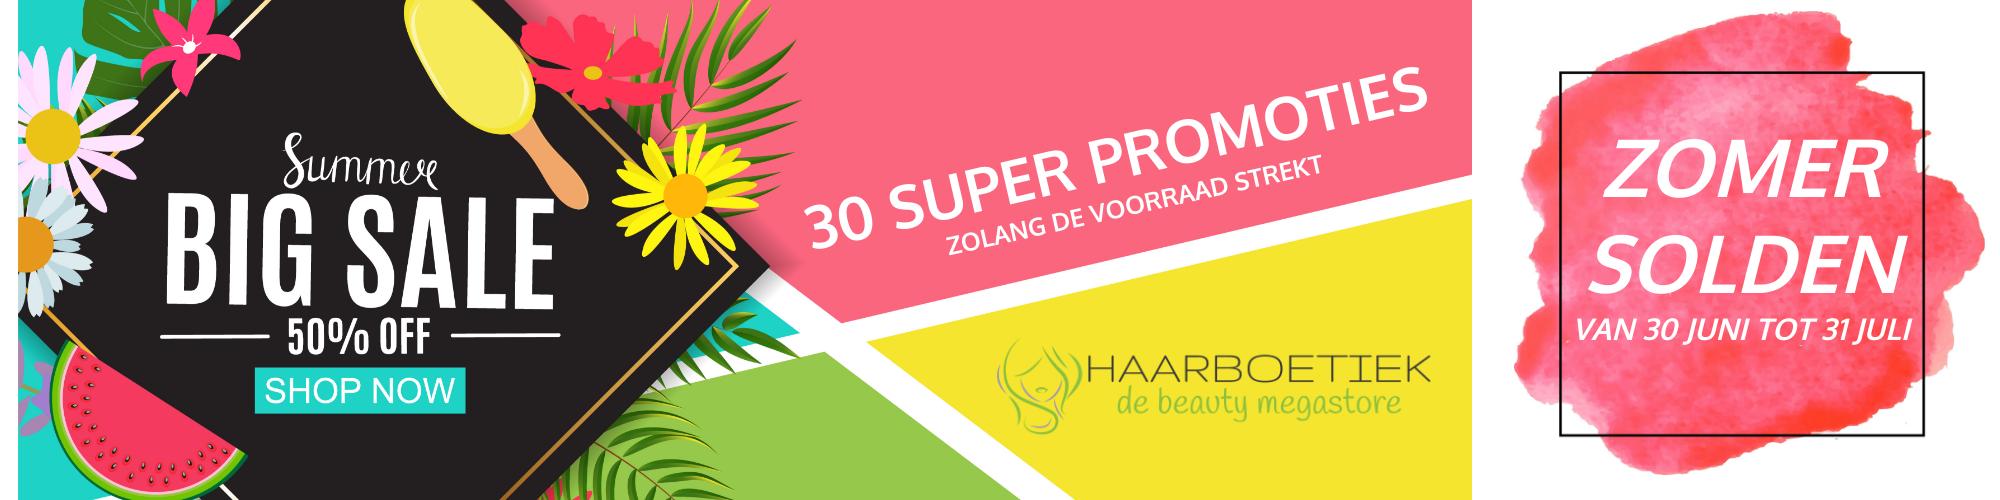 Haarboetiek haarproducten specialist banner 1